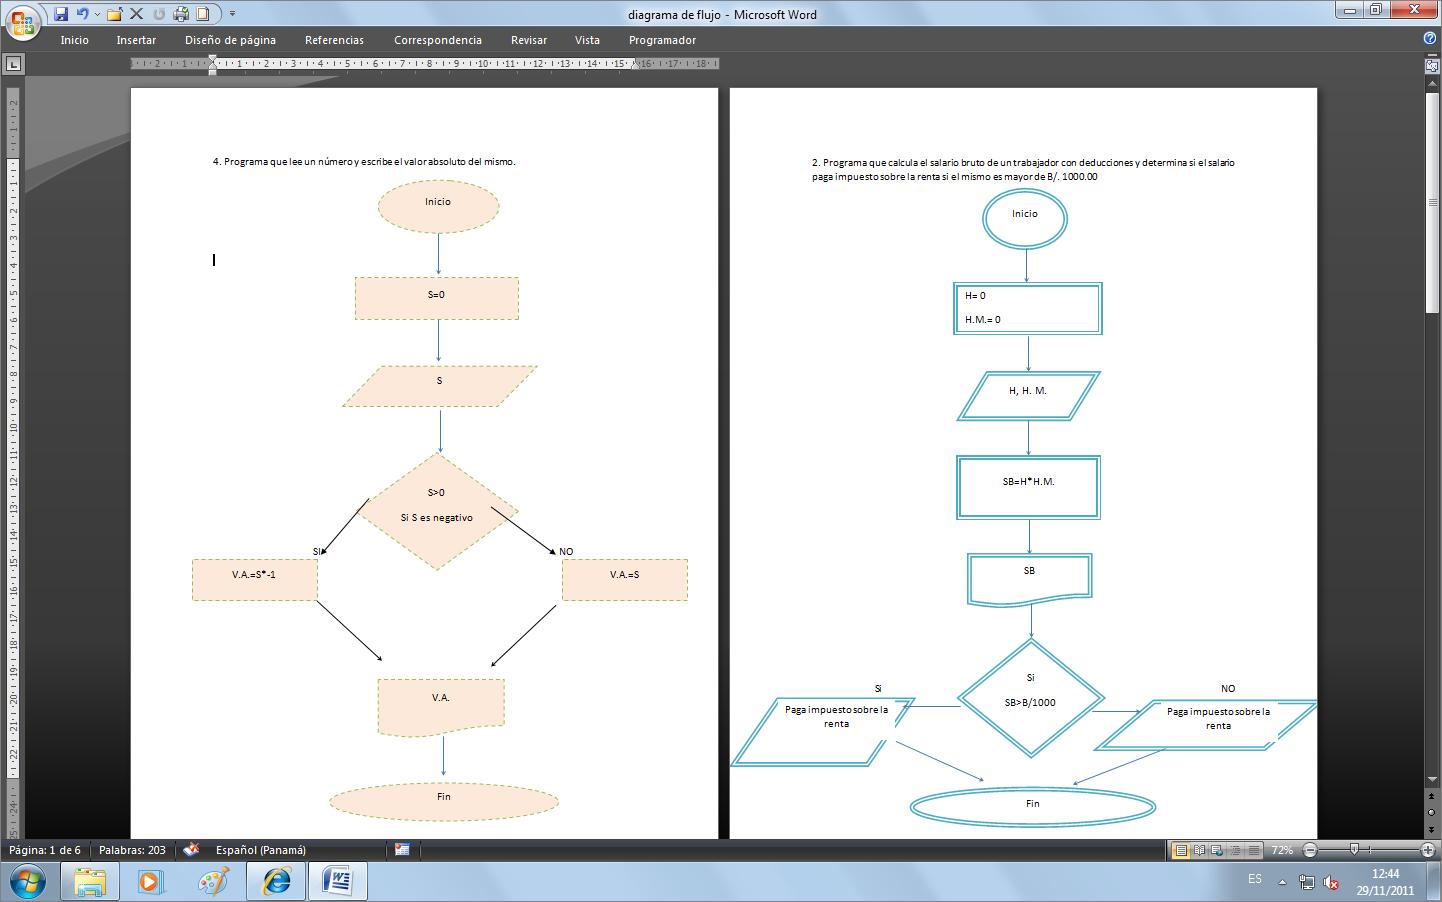 Ejemplos de diagramas de flujo y pseudocodigos programaciontasus anuncios ccuart Image collections